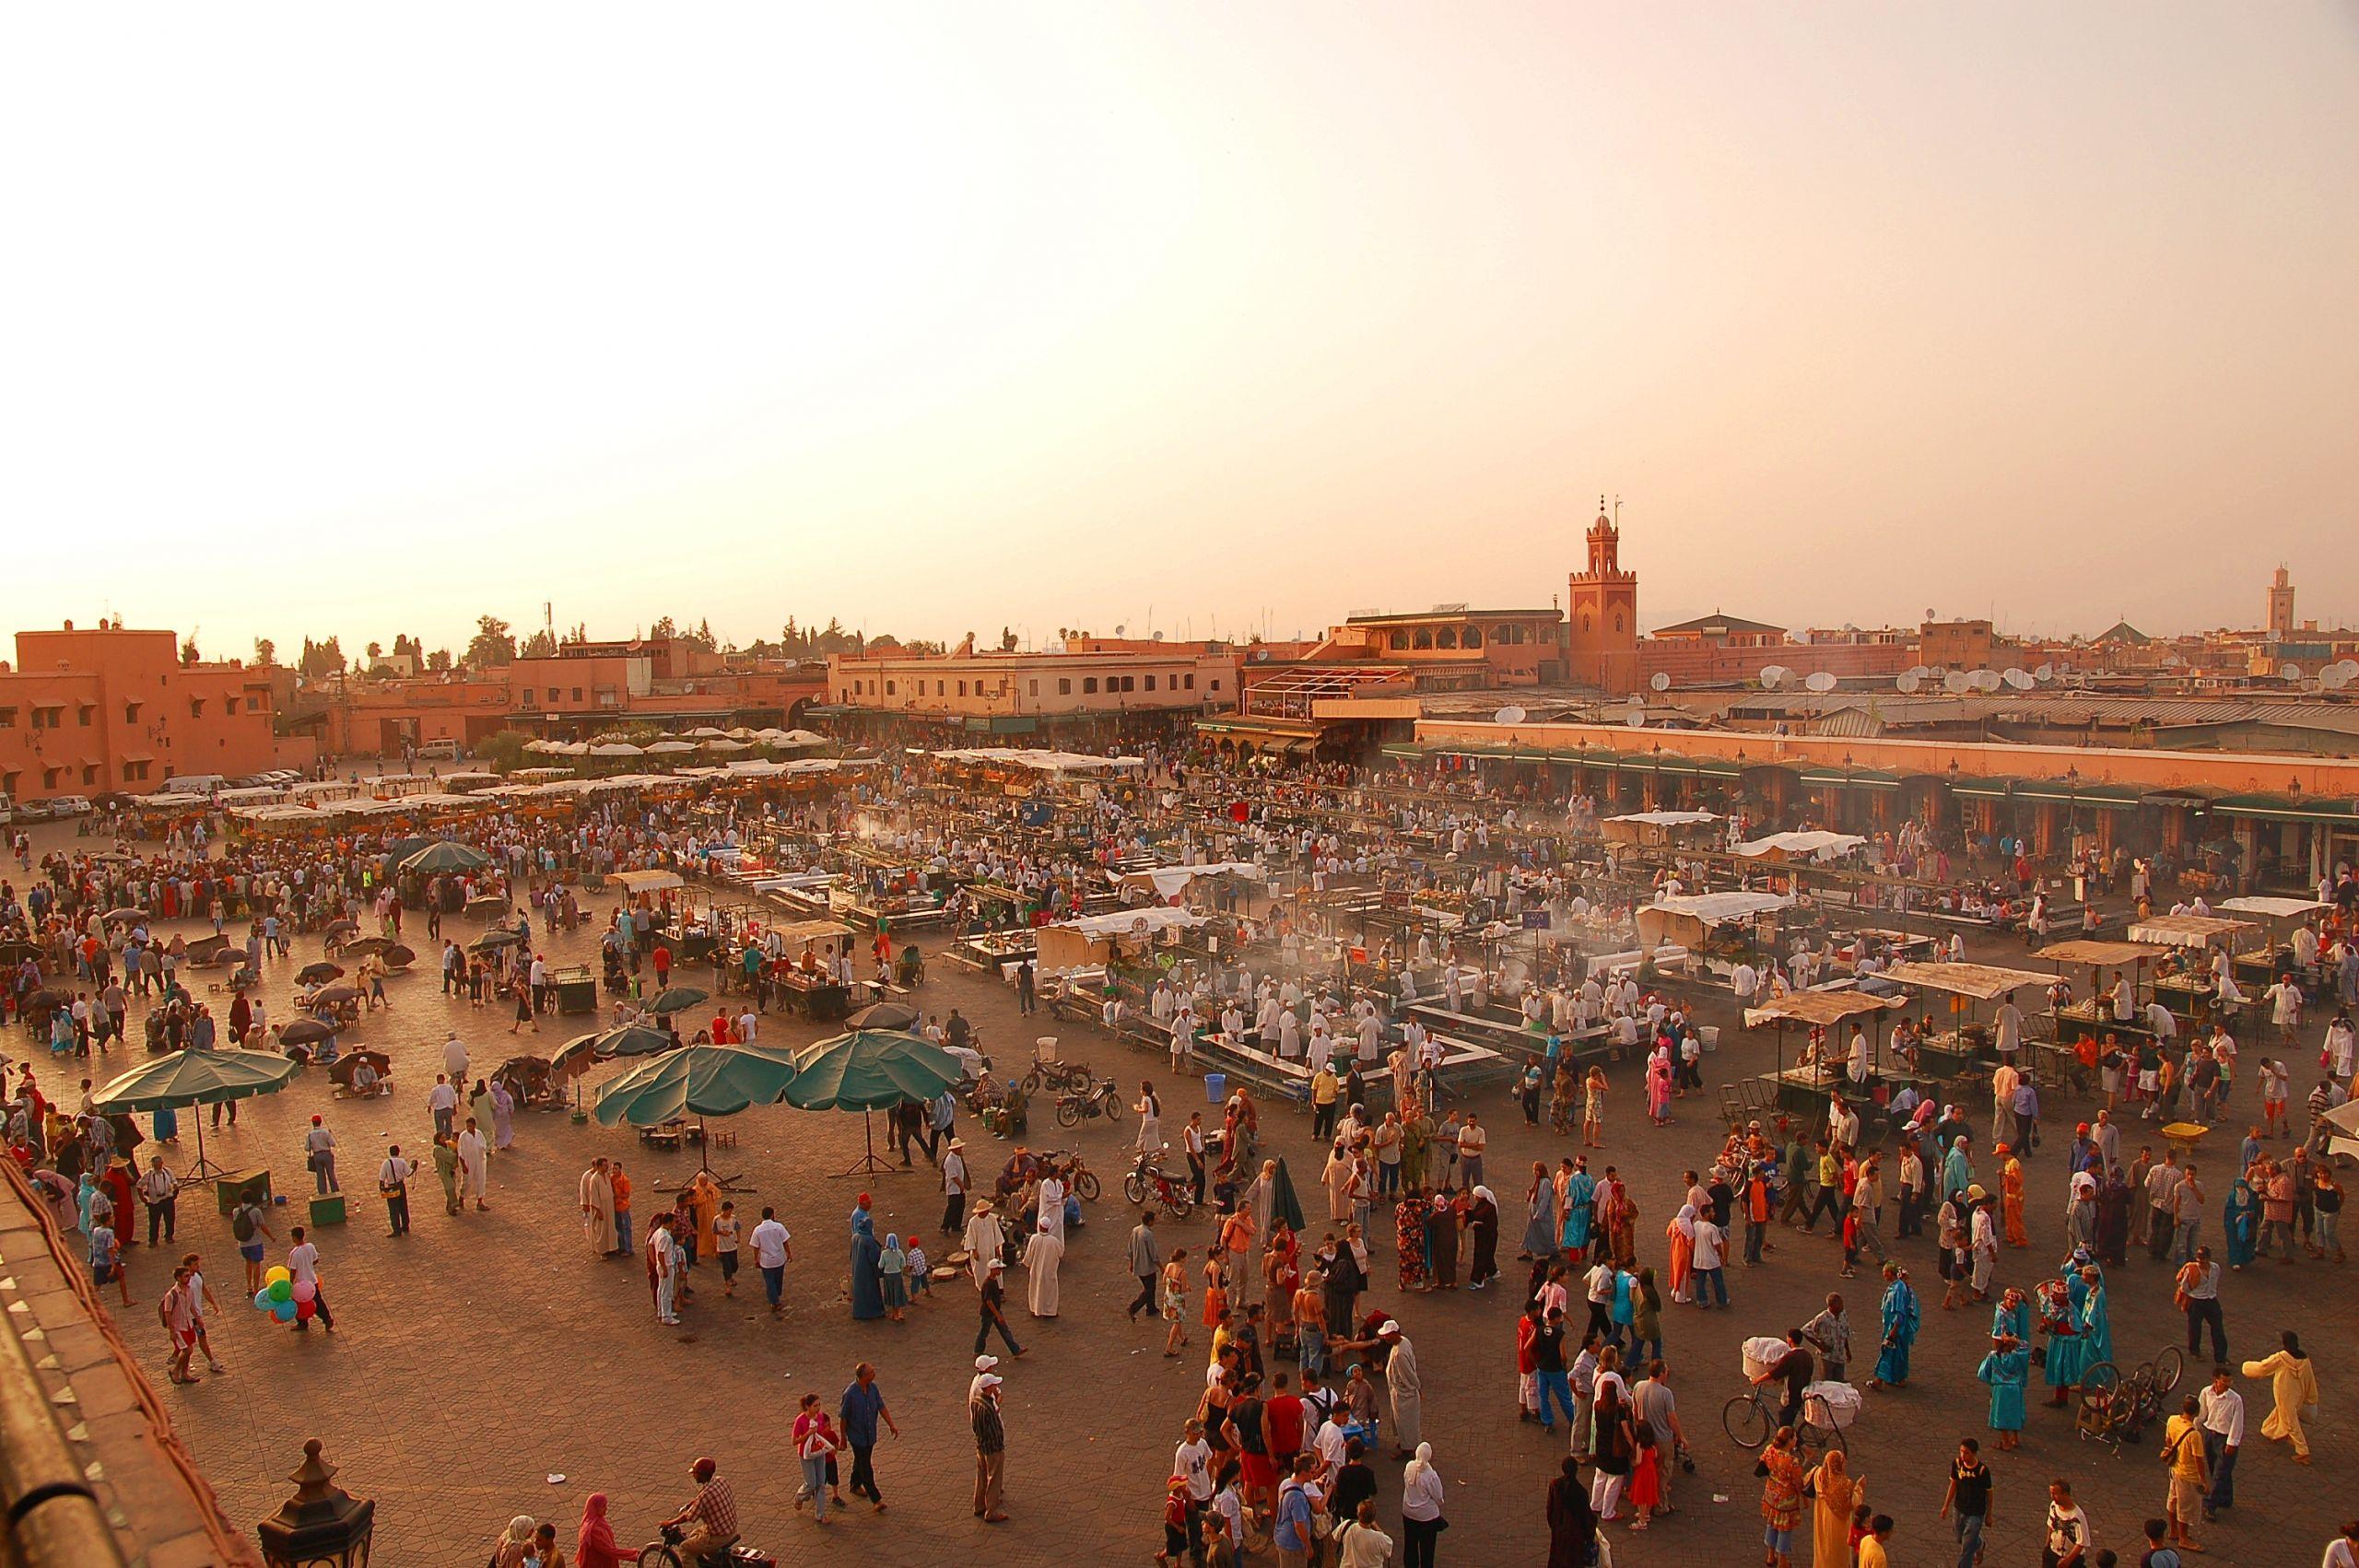 Maroc Marrakech Jemaa el Fna Luc Viatour JPG